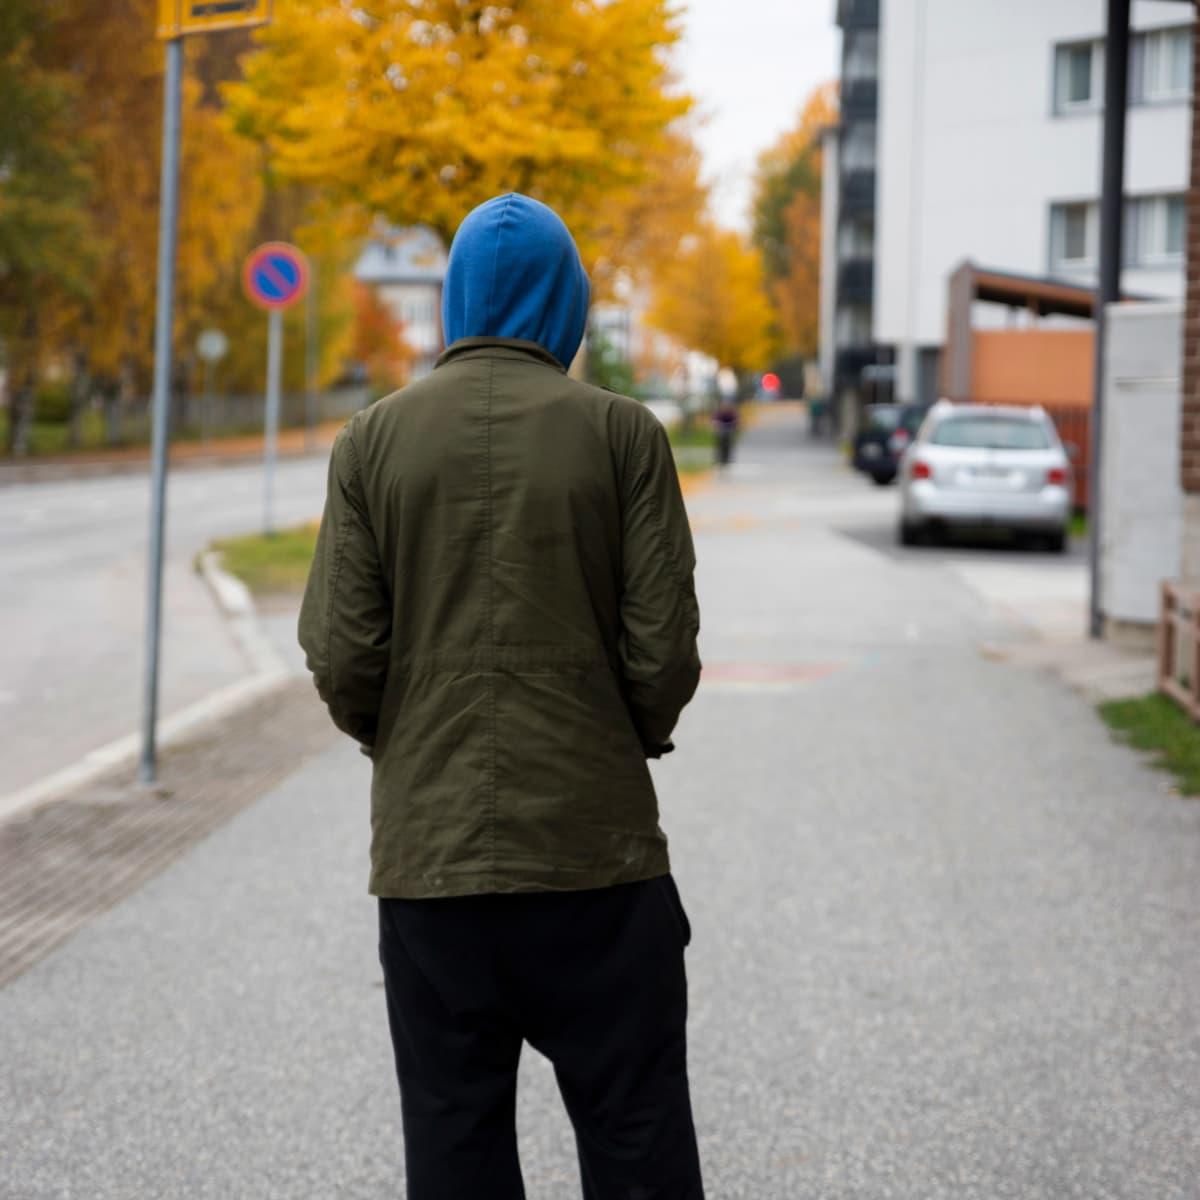 Huppupäinen mies kävelee kadulla.